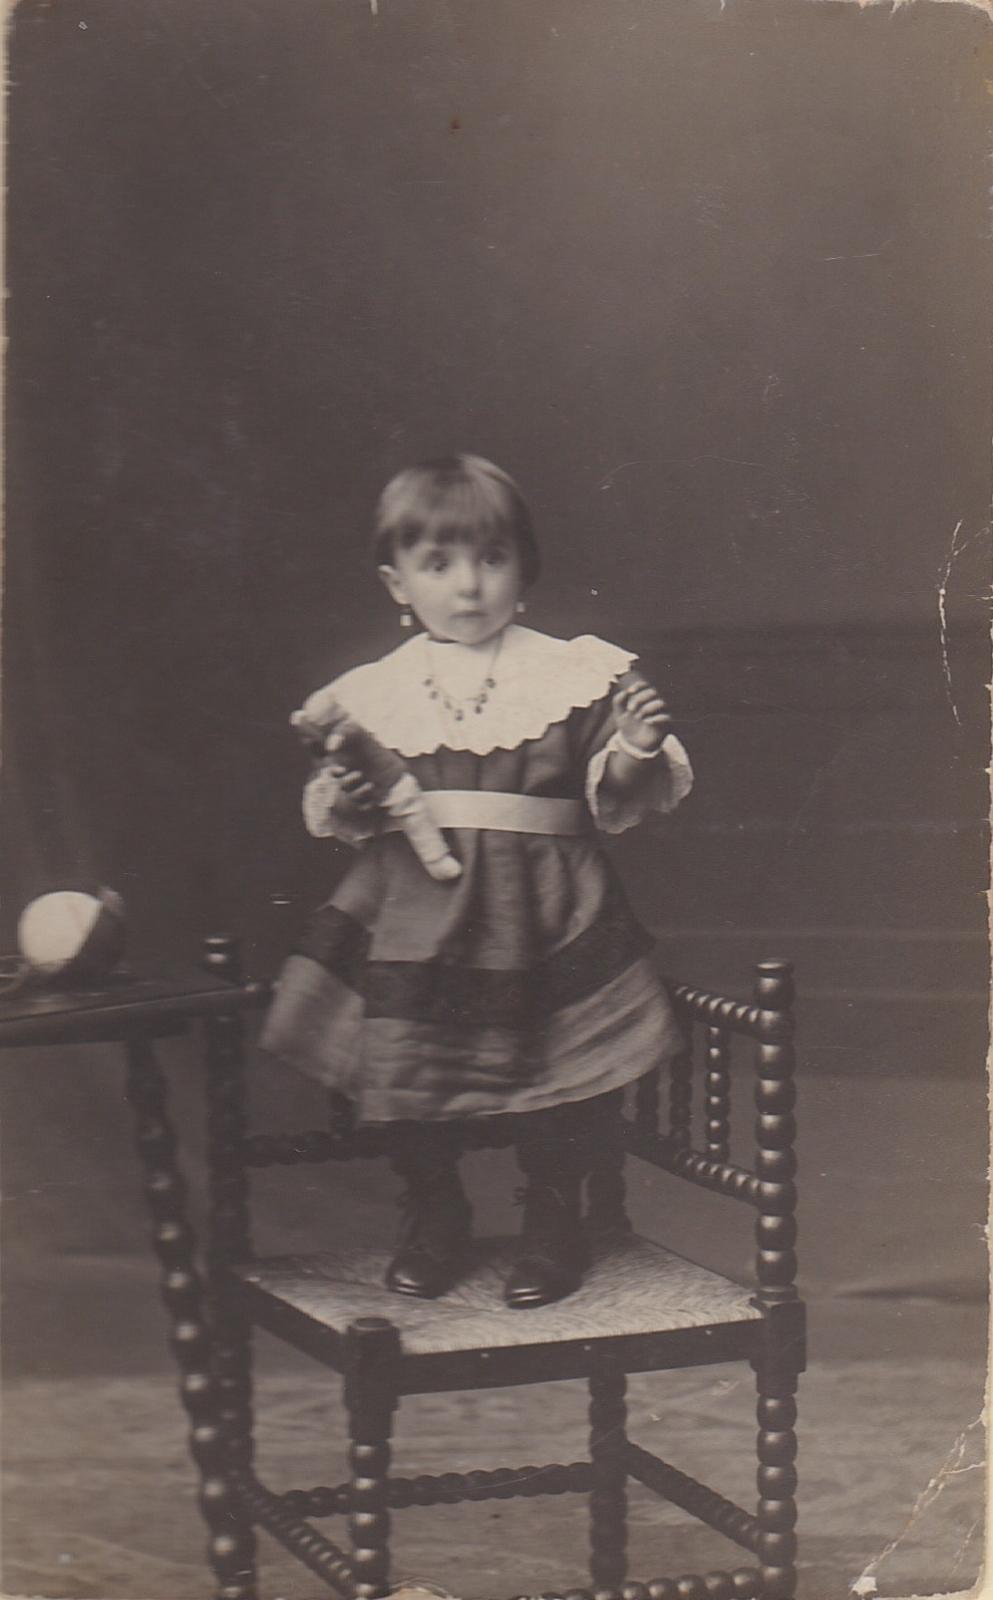 Julia de Dooij 1916-hergebruik niet toegestaan